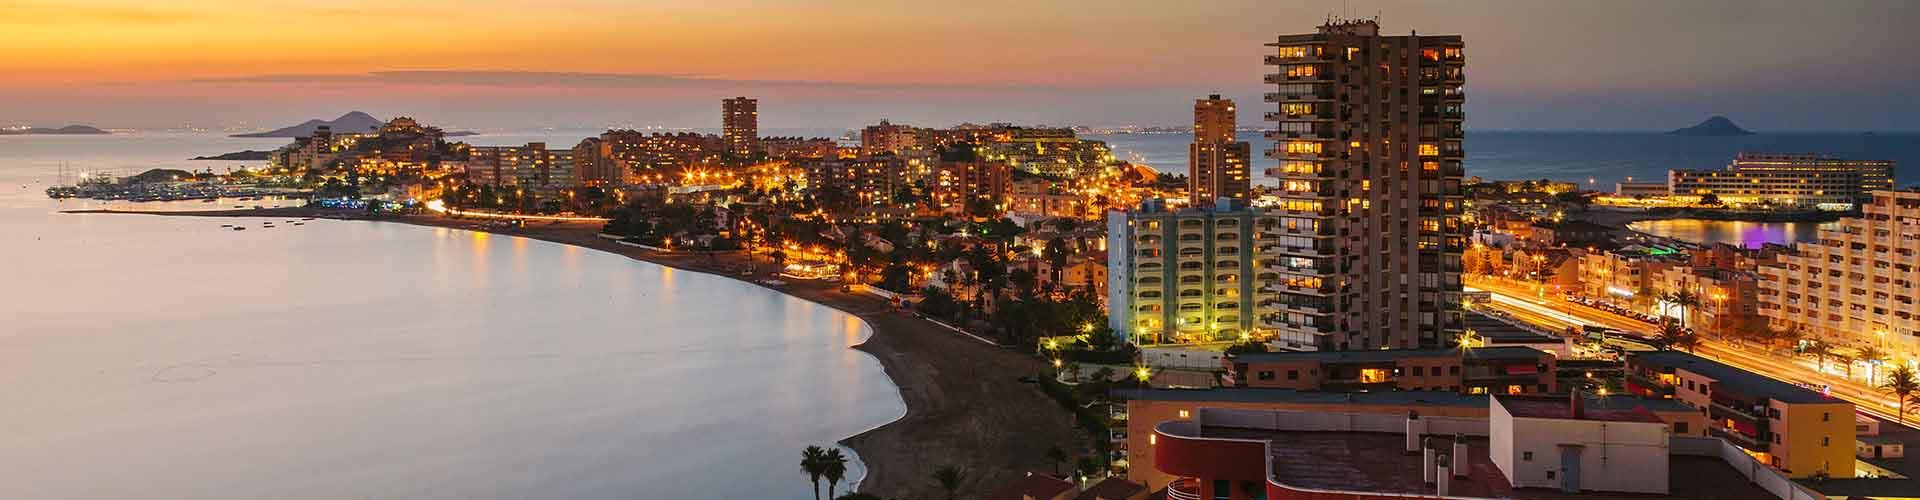 Murcia - Chambres pas chères dans le quartier de Centre. Cartes pour Murcia, photos et commentaires pour chaque chambre à Murcia.